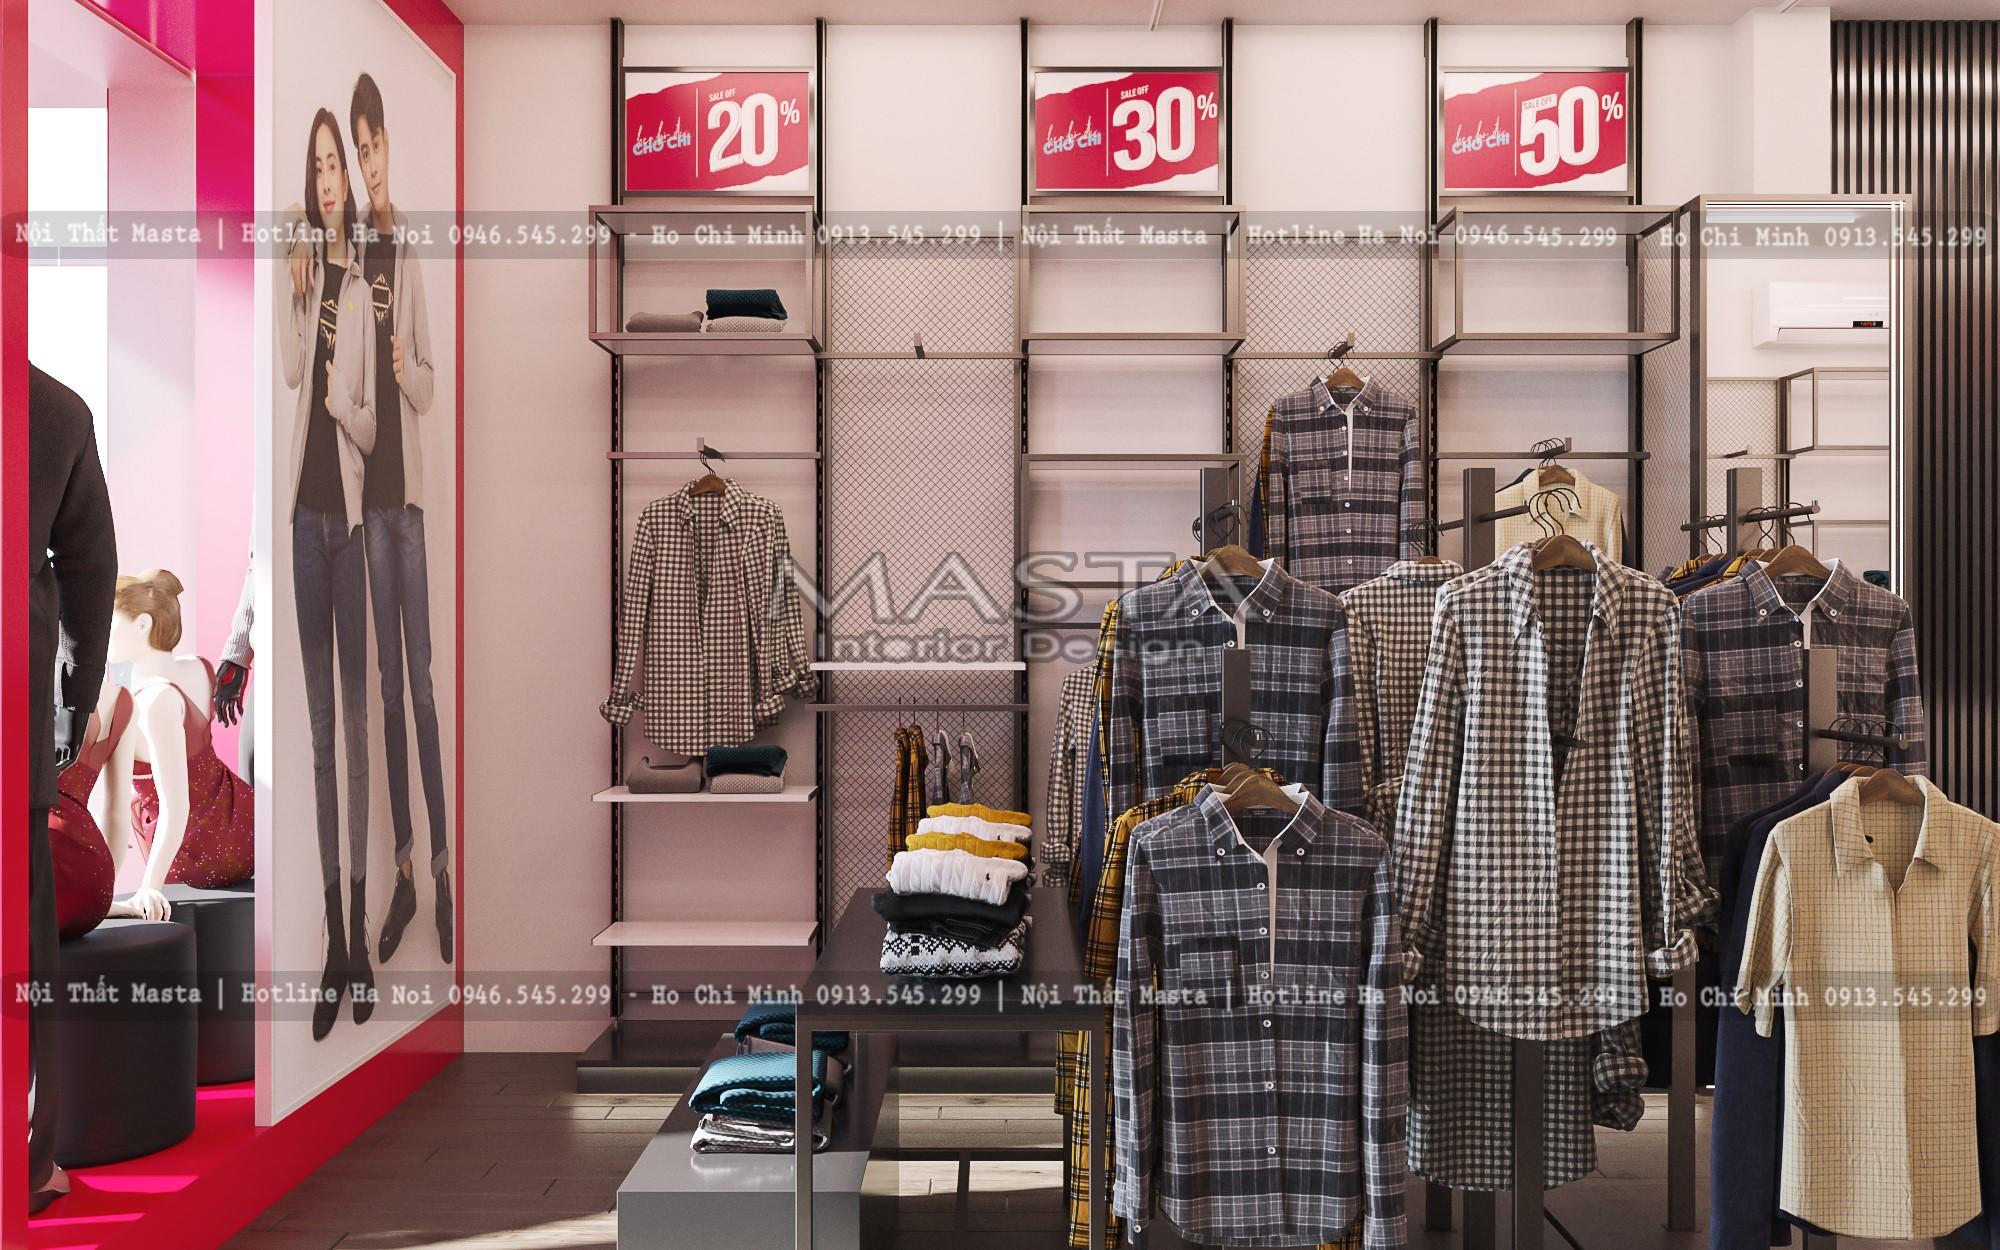 Hệ kệ giữa cửa hàng nhằm tăng không gian trưng bày sản phẩm